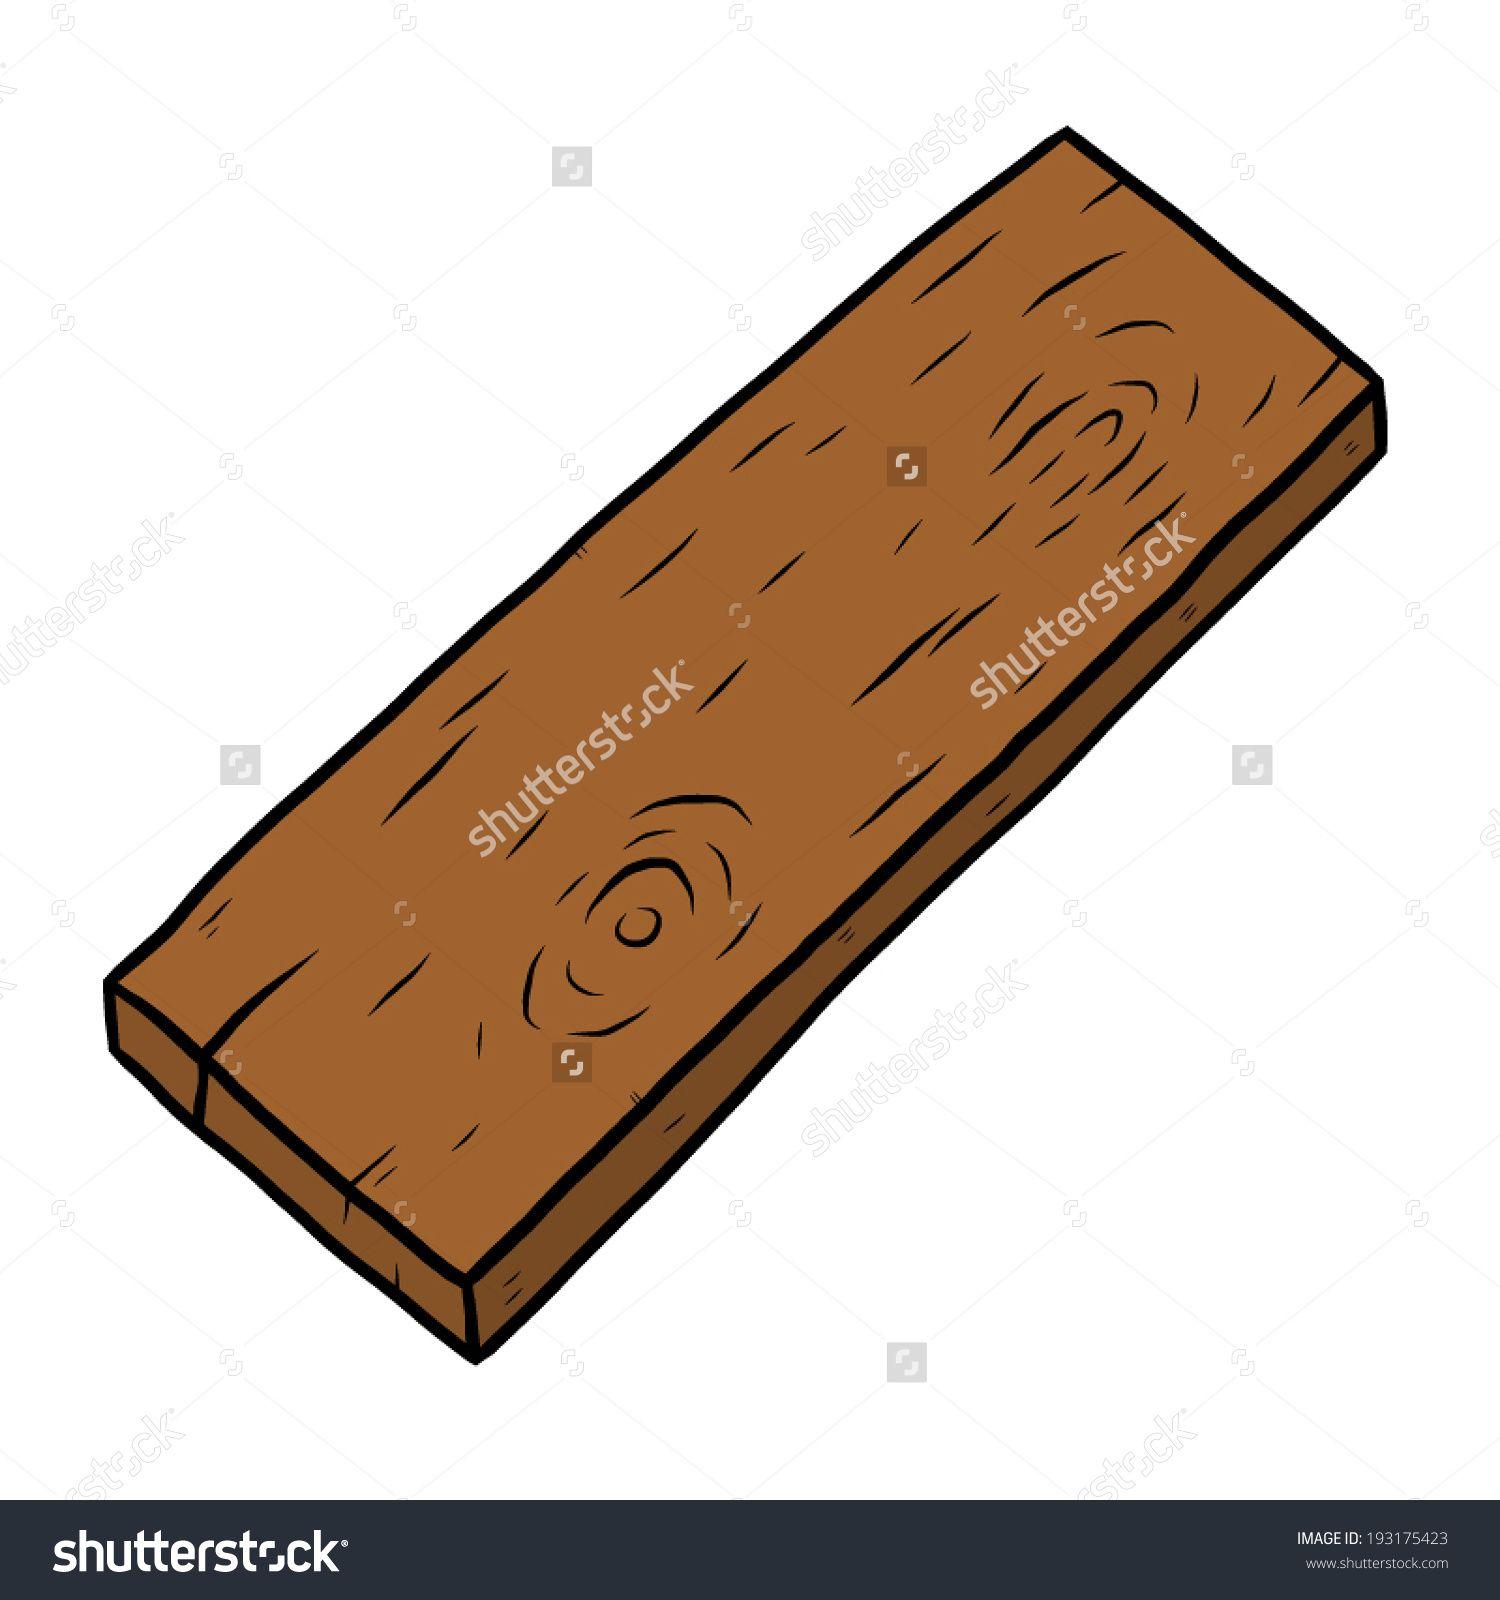 Bildresultat för wooden plank